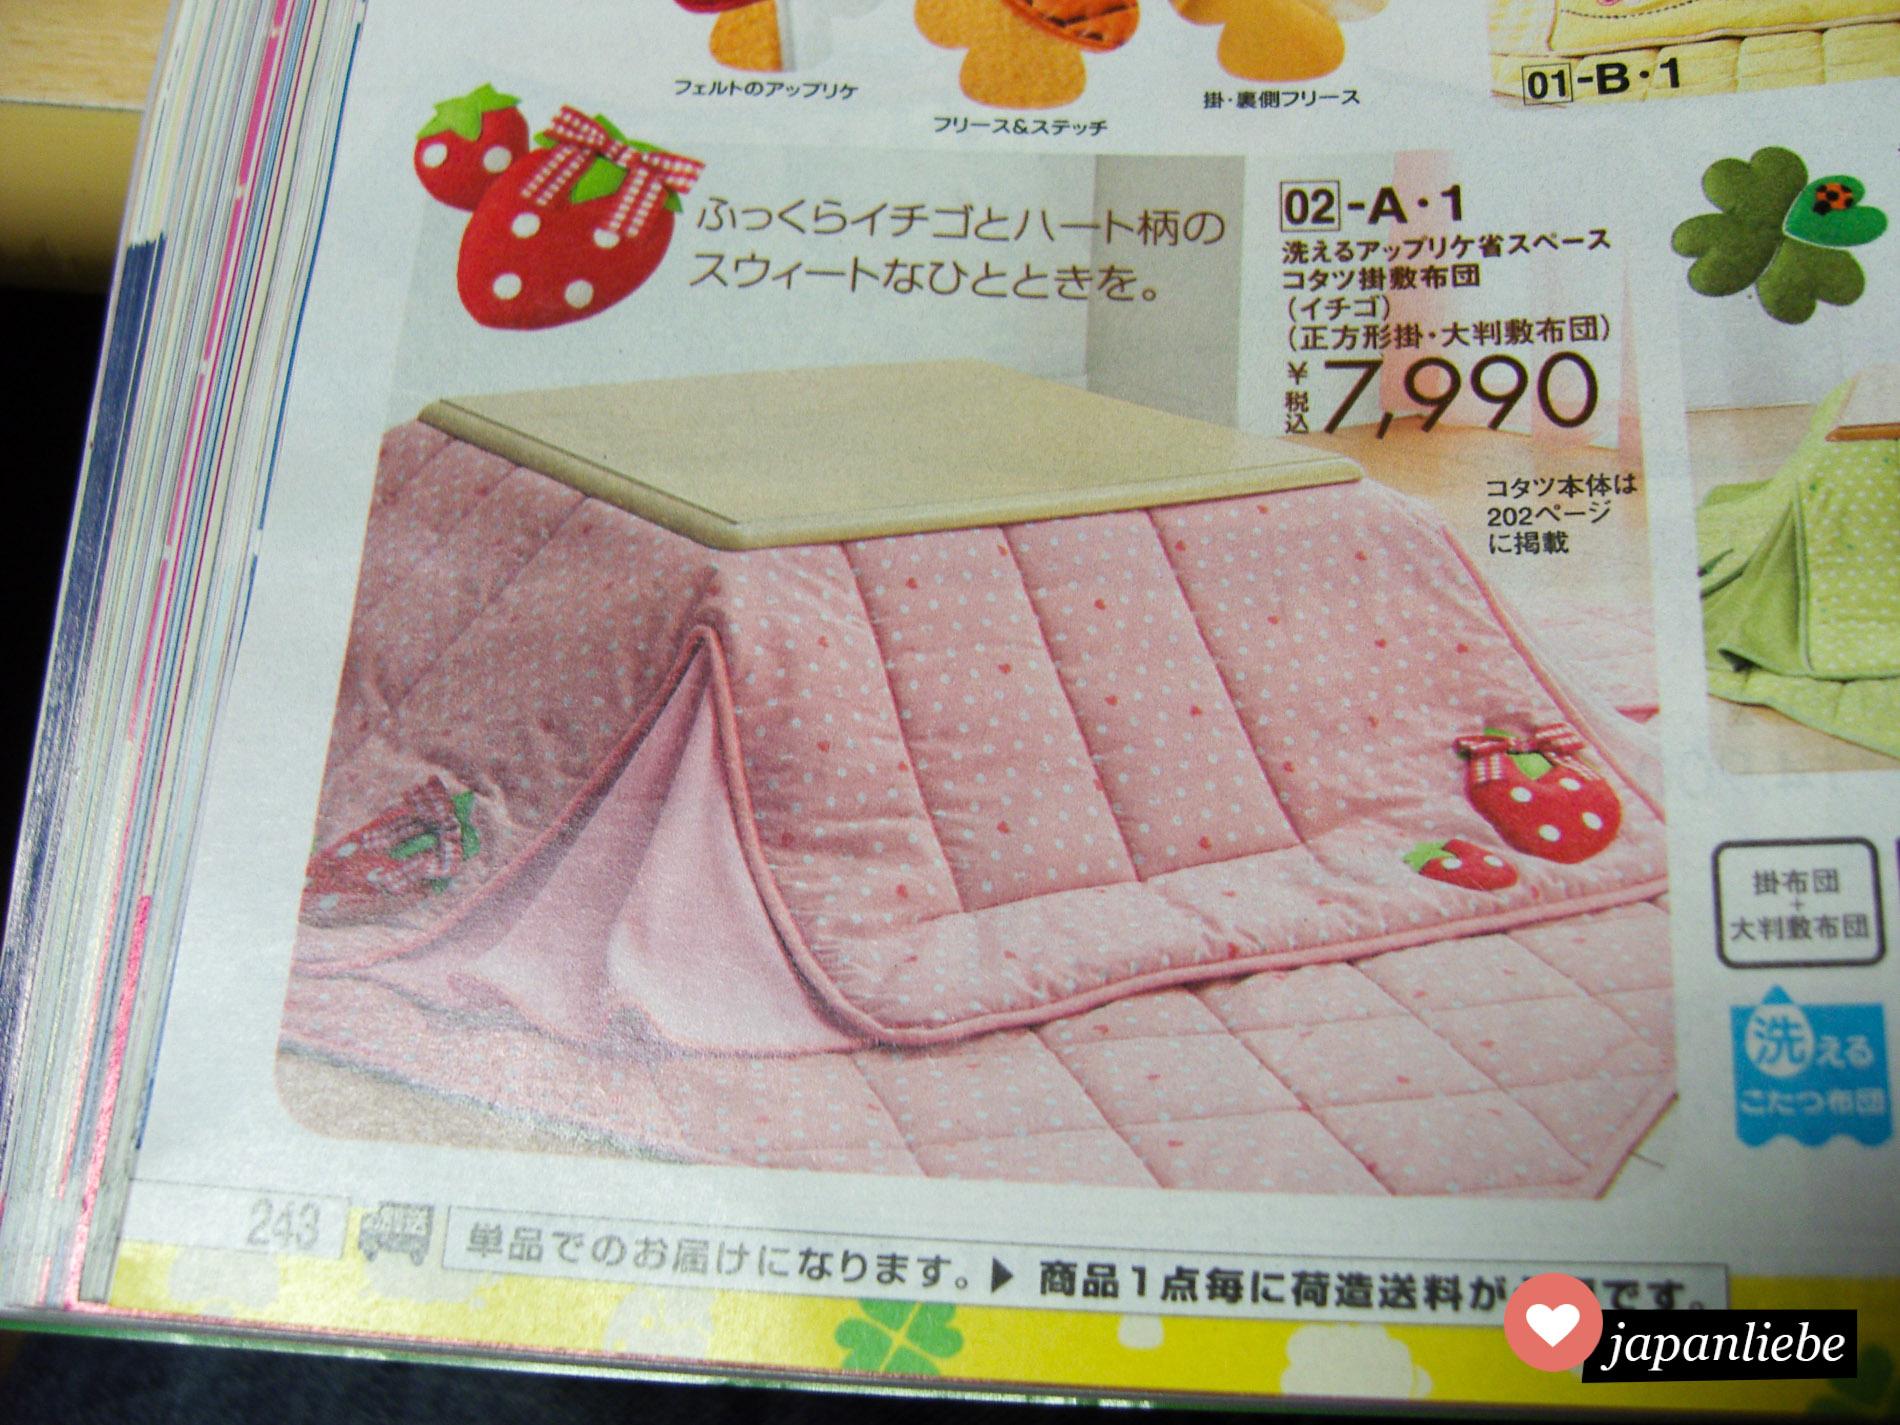 In einem Katalog wird ein niedlicher, rosa kotatsu mit Erdbeerenmuster beworben.